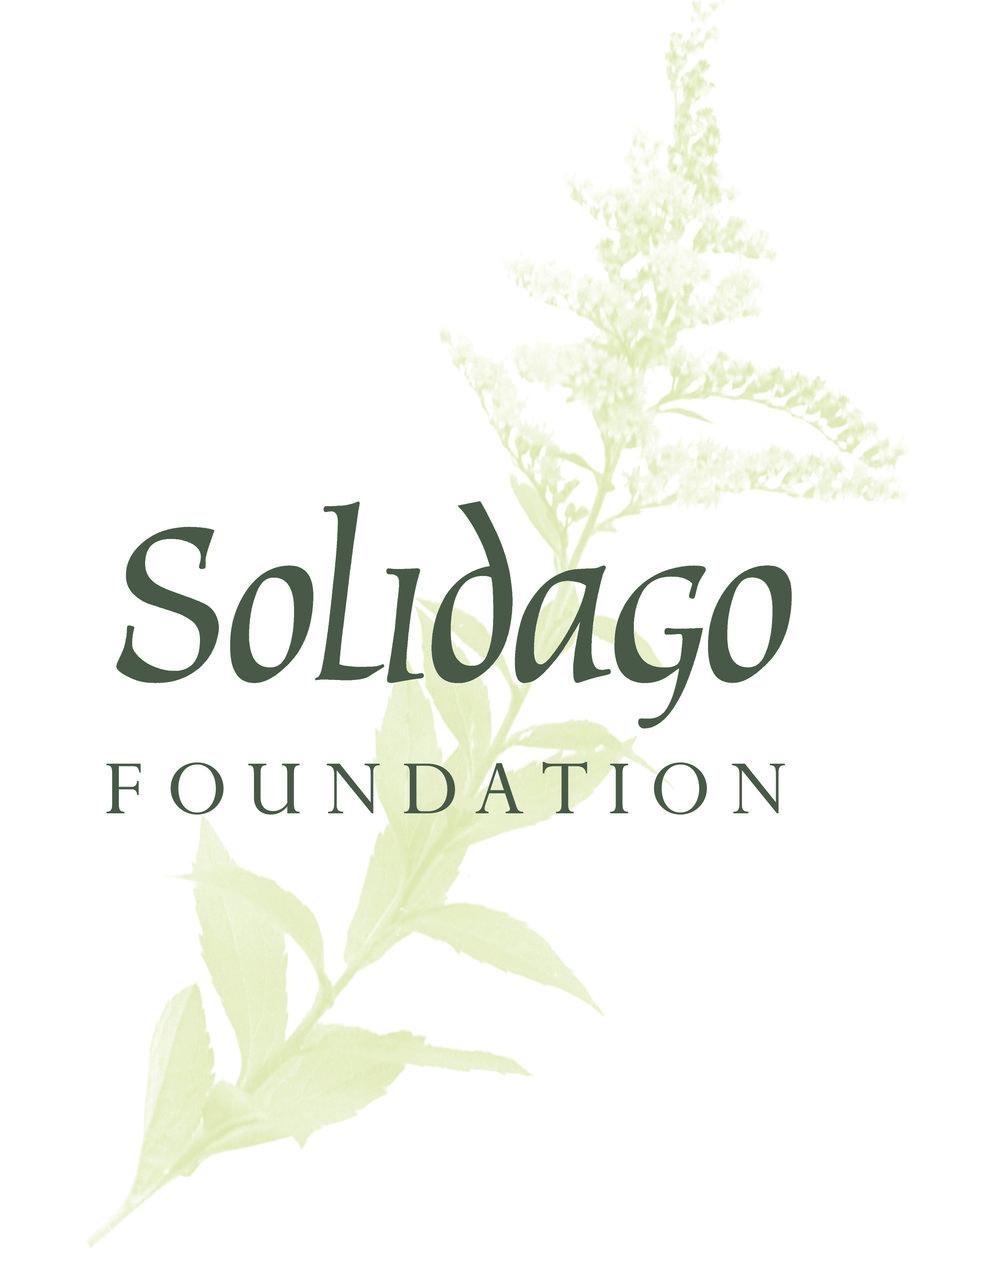 Solidago-Logo-large.jpg